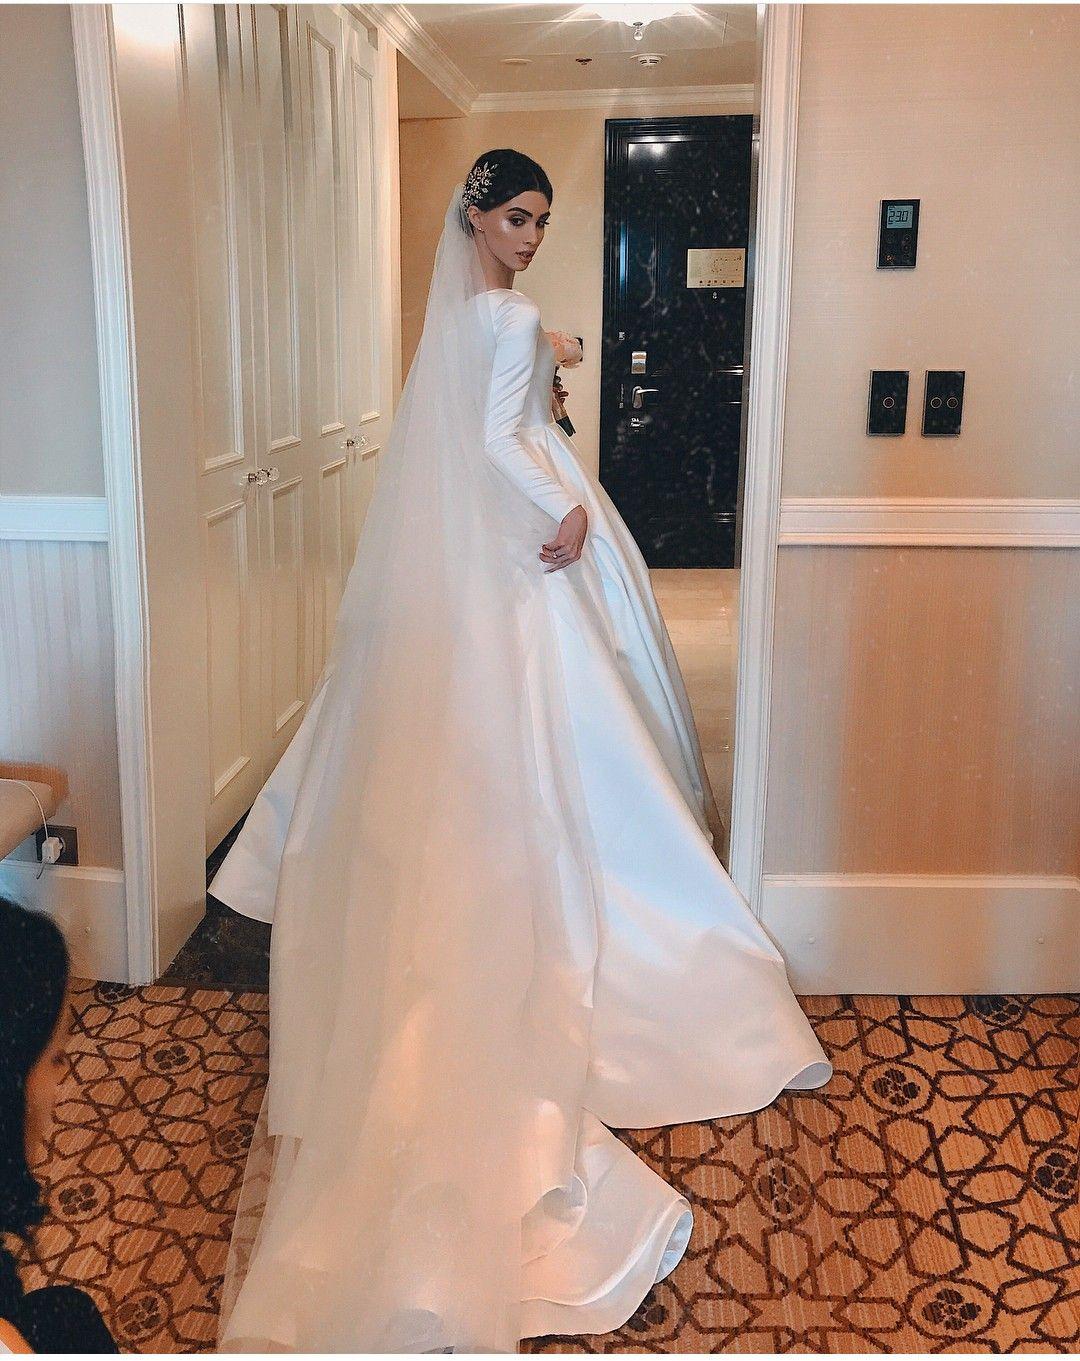 Pin On Wedding [ 1361 x 1080 Pixel ]